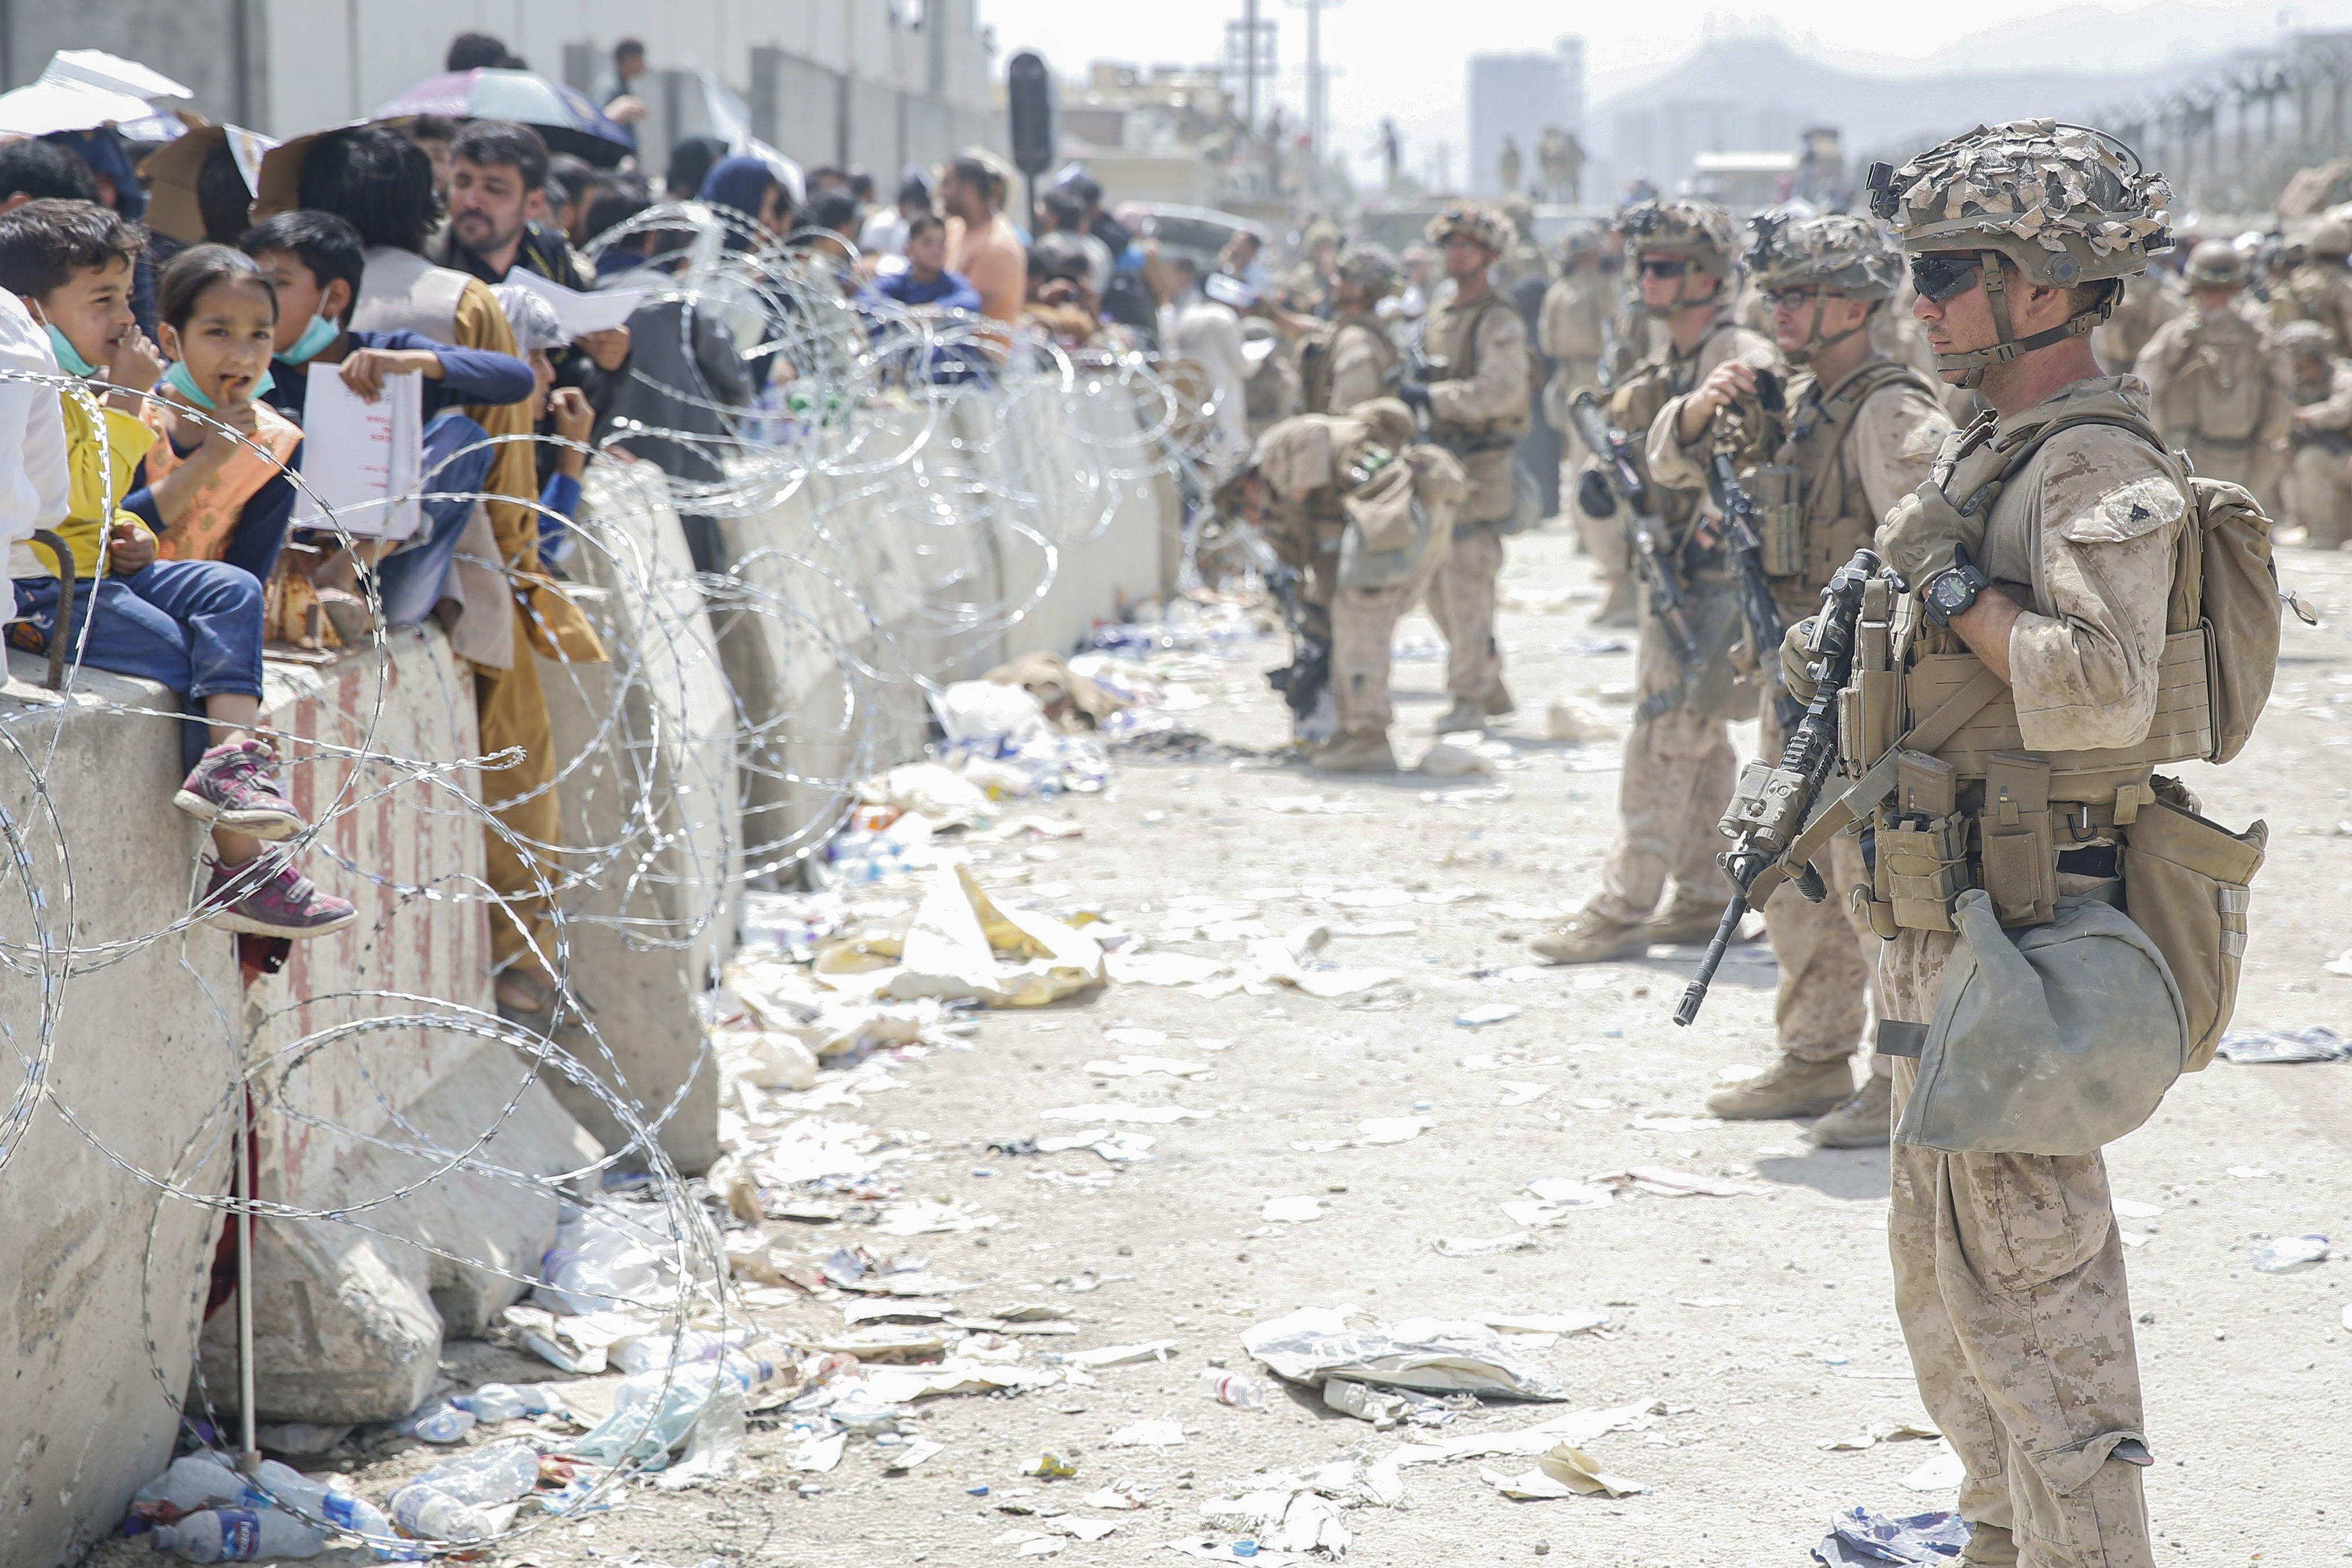 阿富汗情勢緊張,服役軍人枕戈待旦。(圖/翻攝自Twitter@USMC)